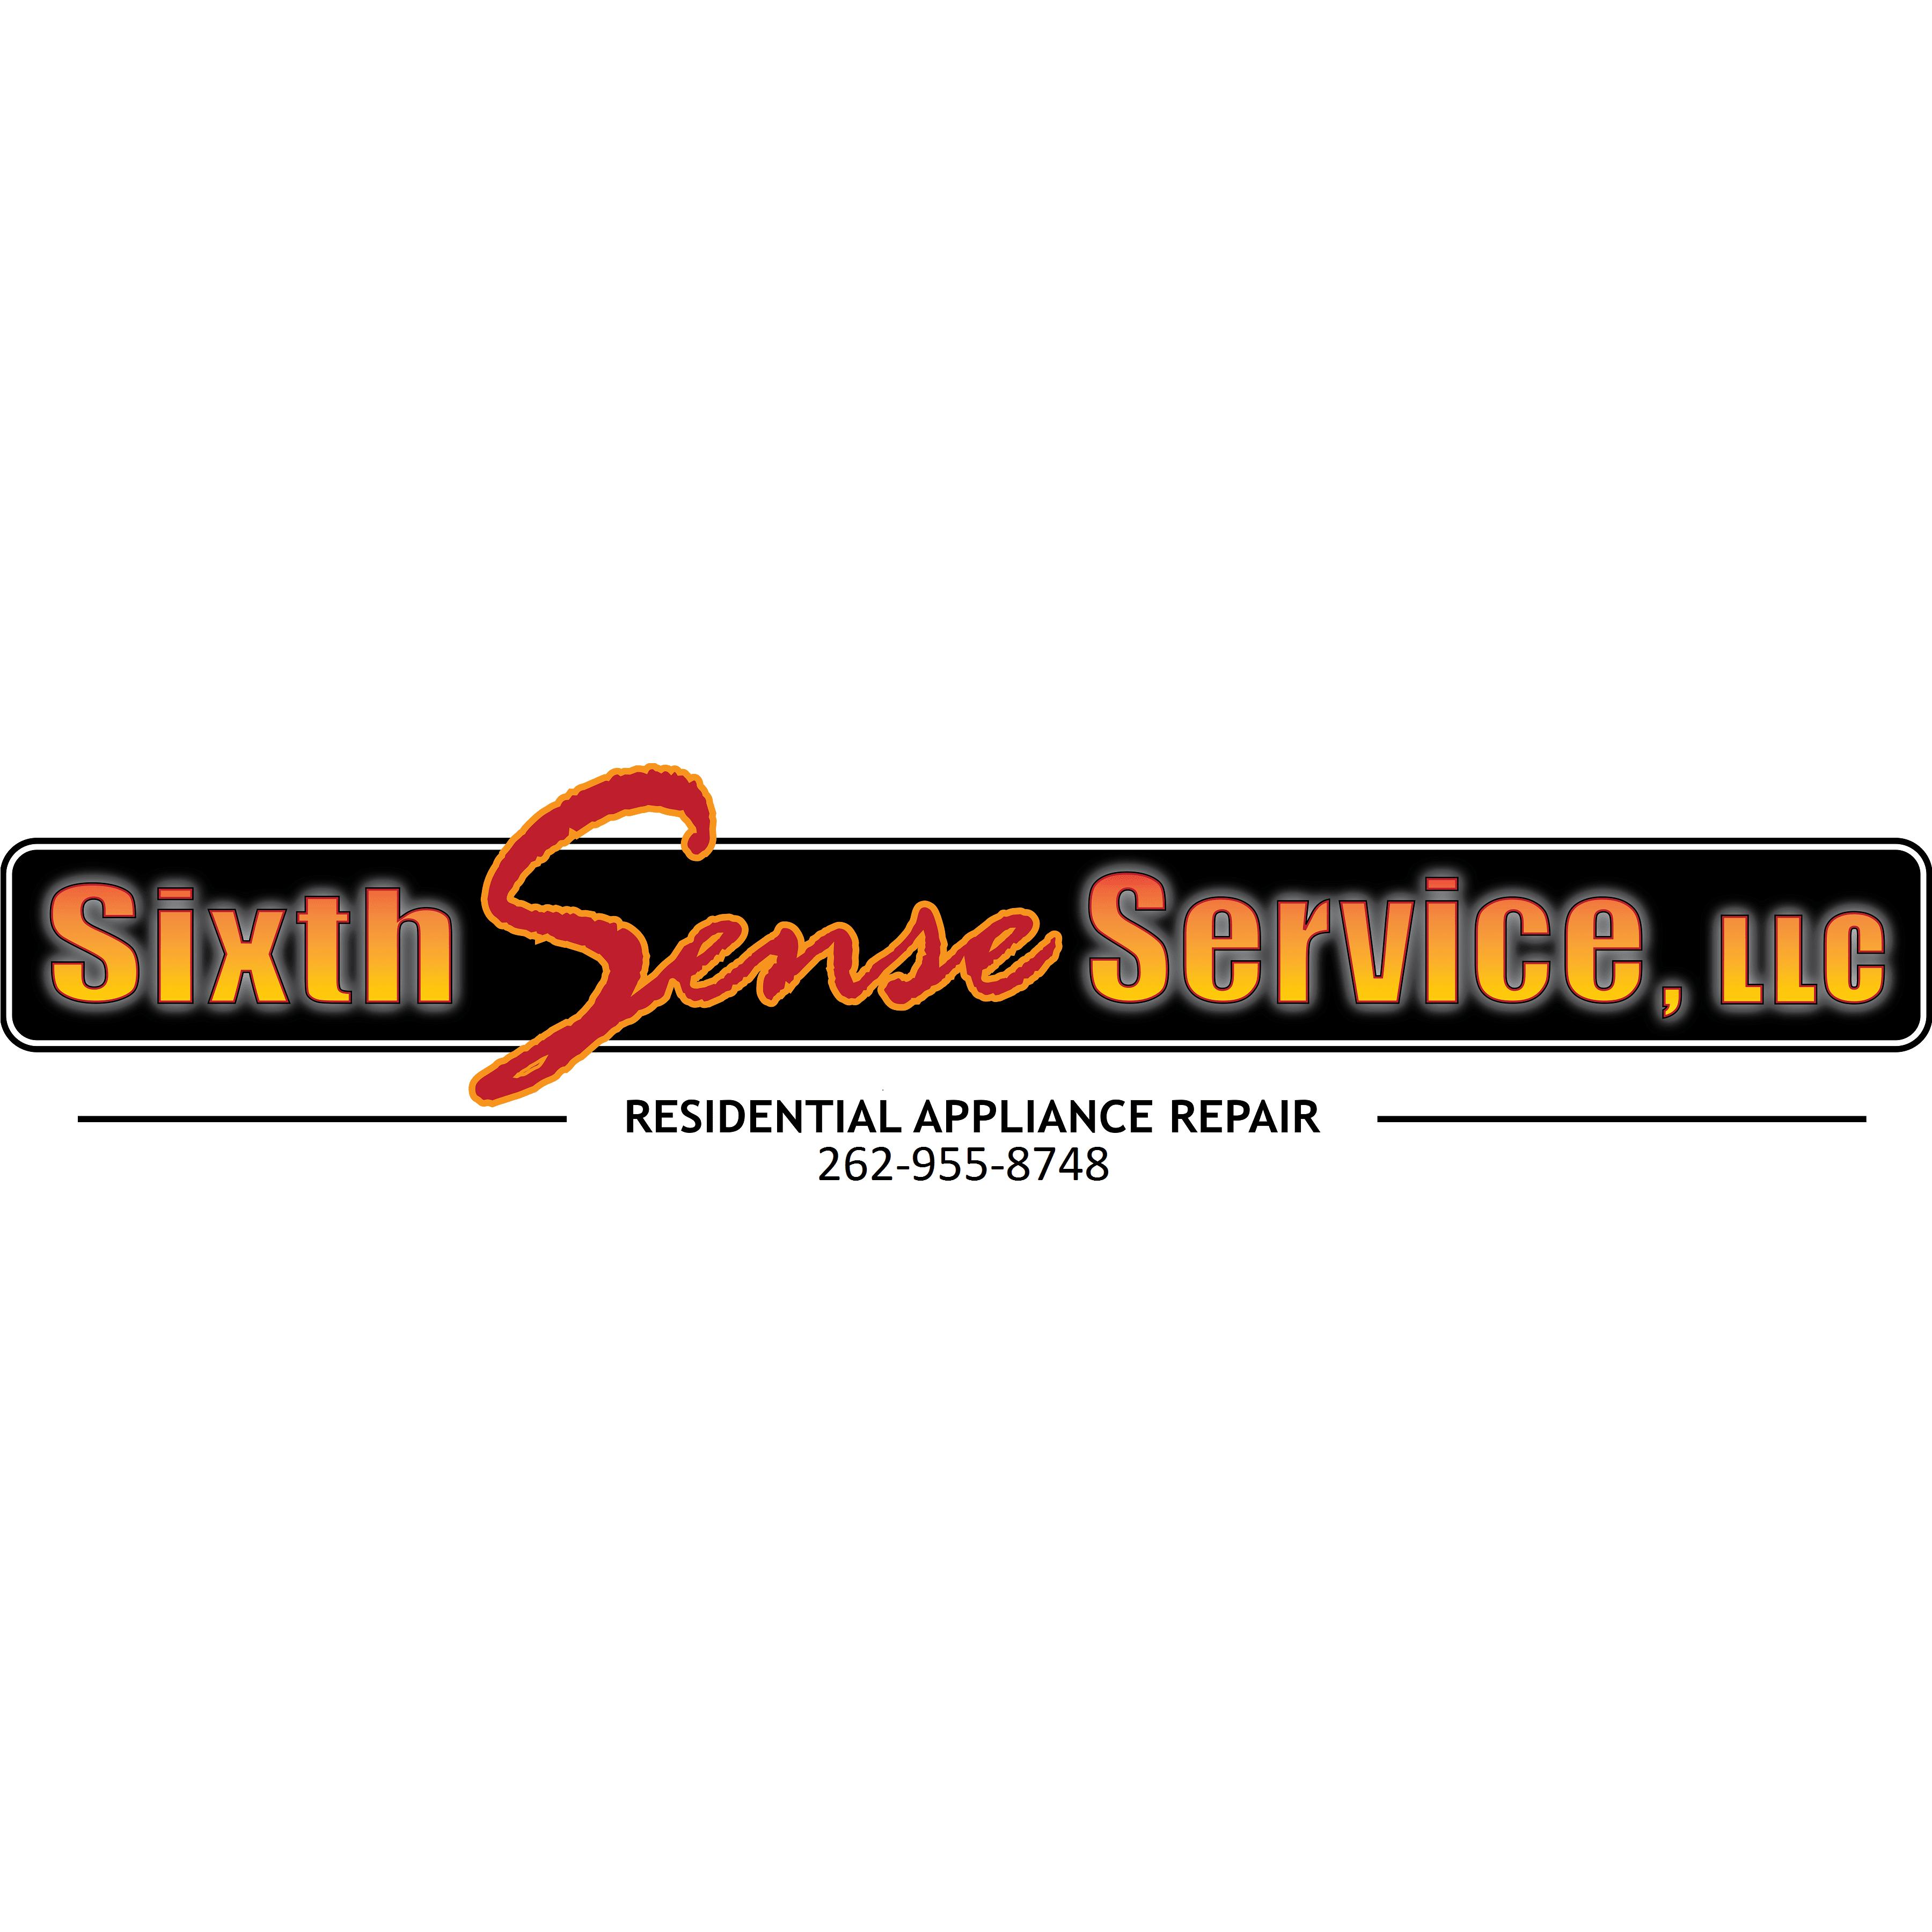 Sixth Sense Service, LLC